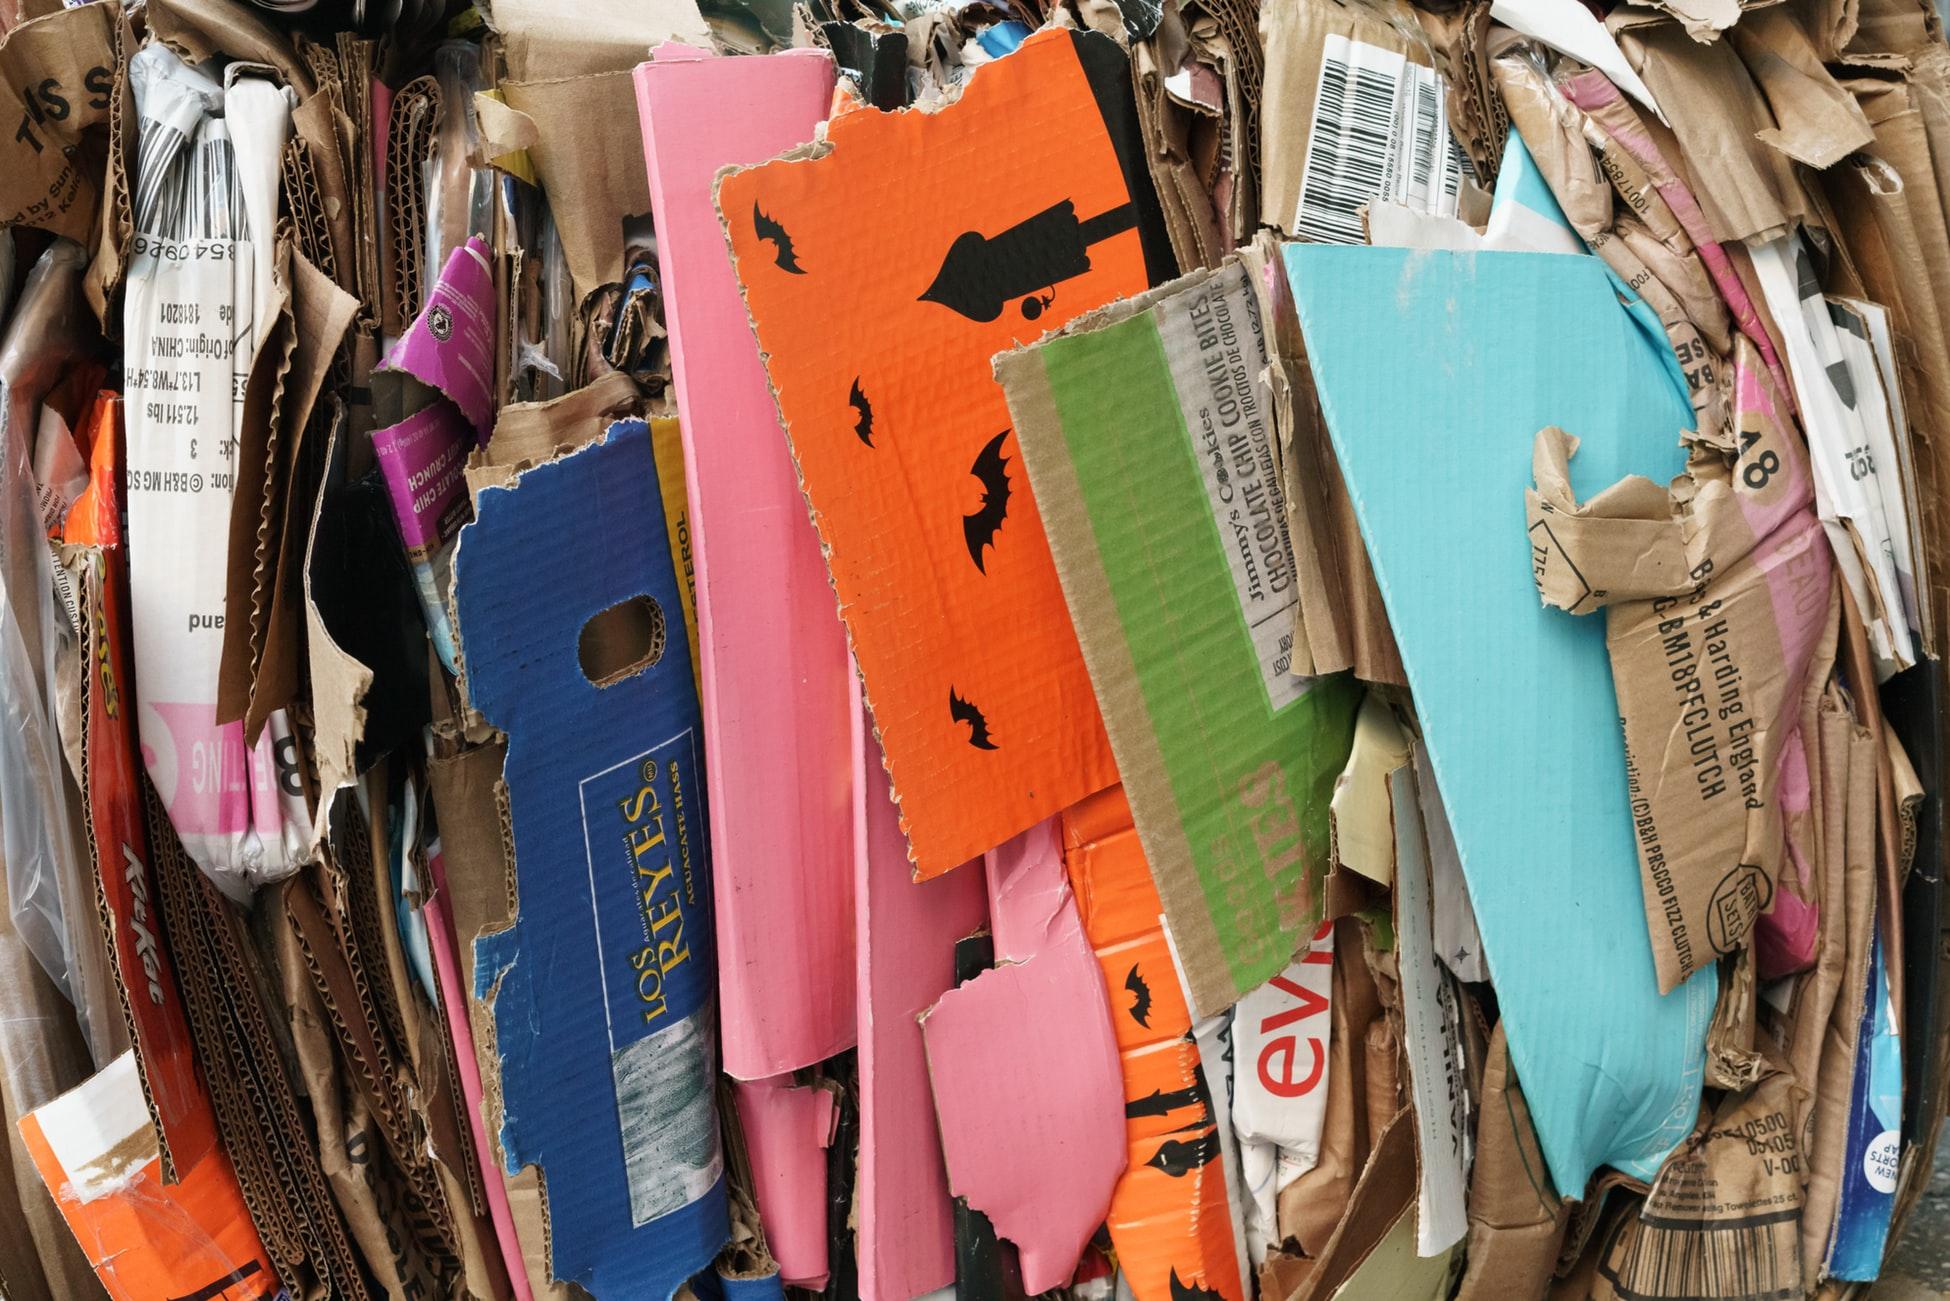 地球にもっと優しく 家庭でプラスチックごみを減らす8つの方法